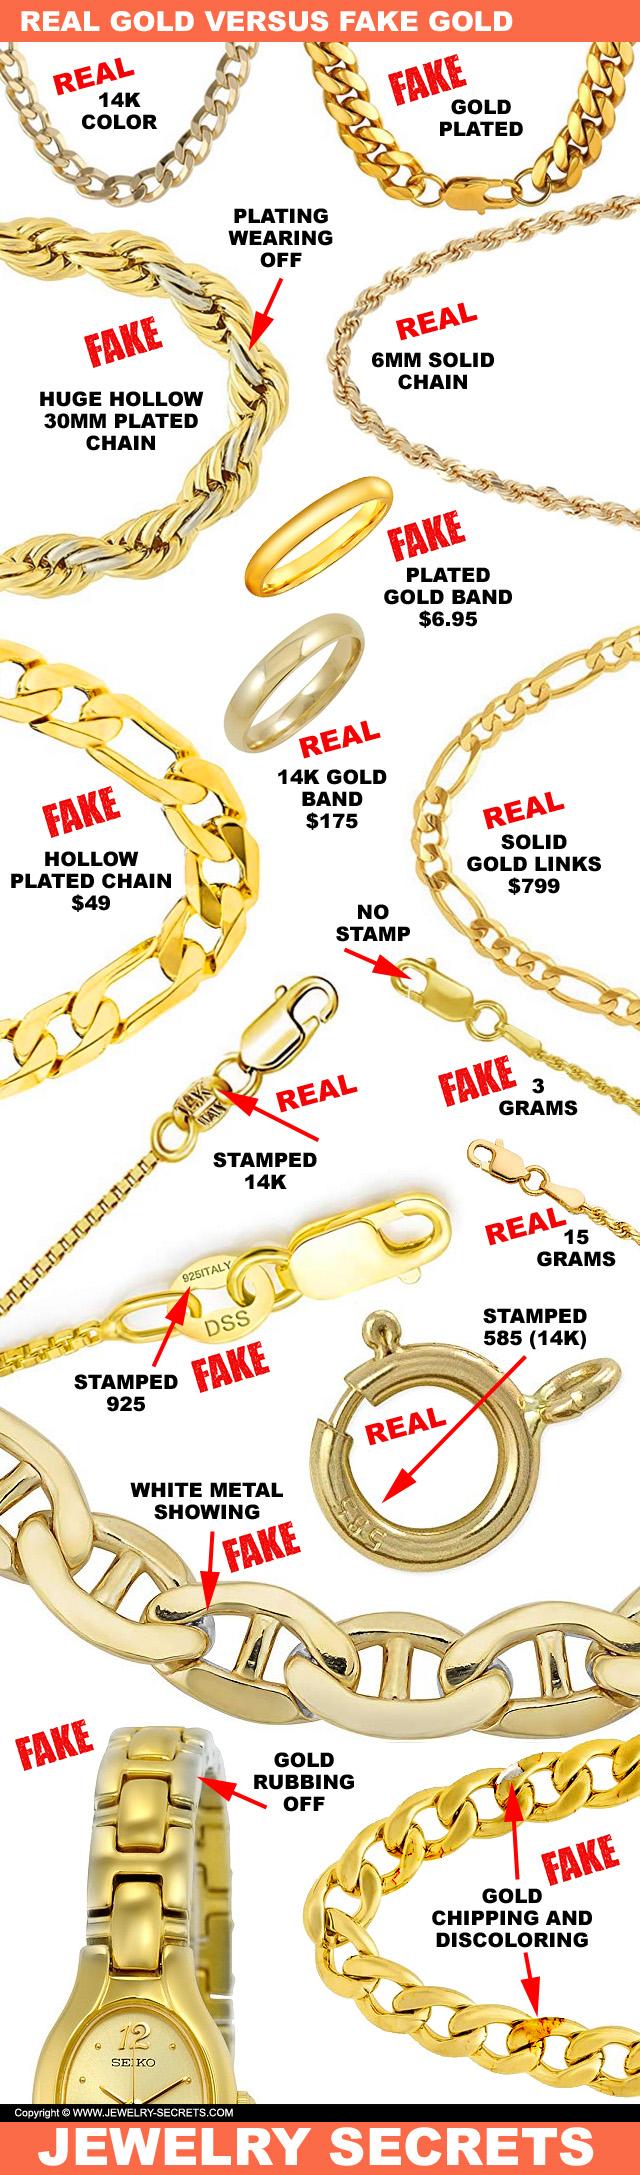 Real Gold Versus Fake Gold